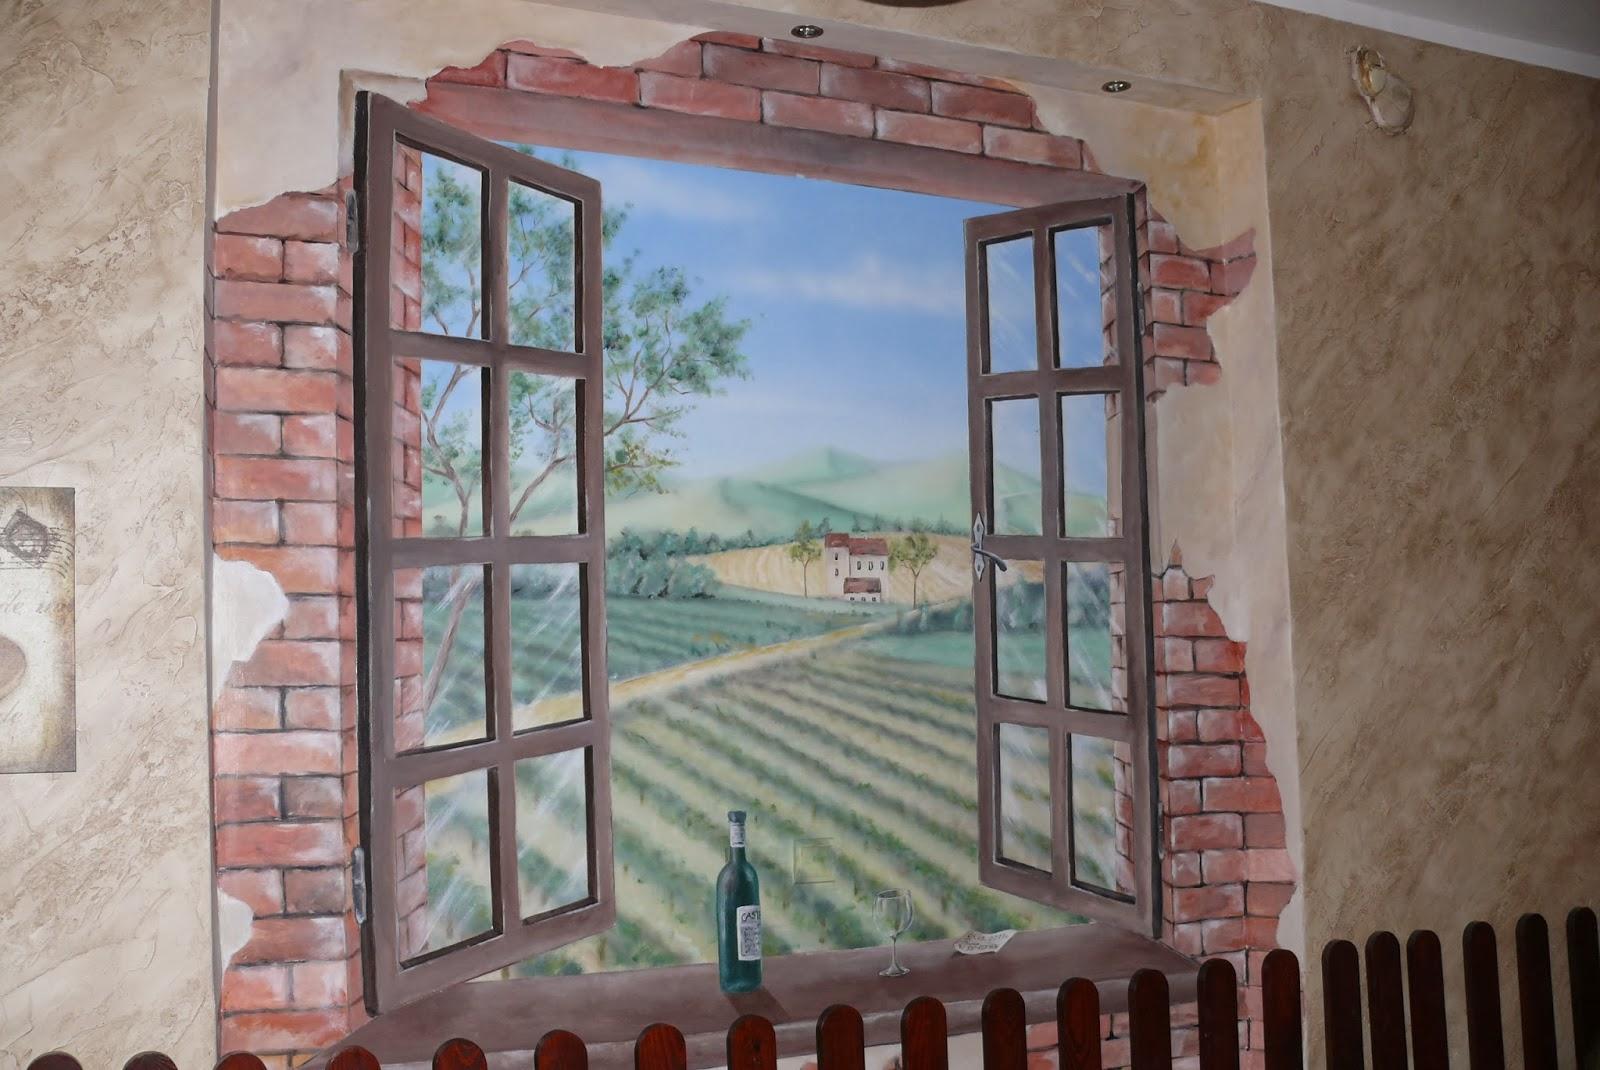 Artystyczne malowanie obrazu na ścinie, aranżacja ściany w pizzerii